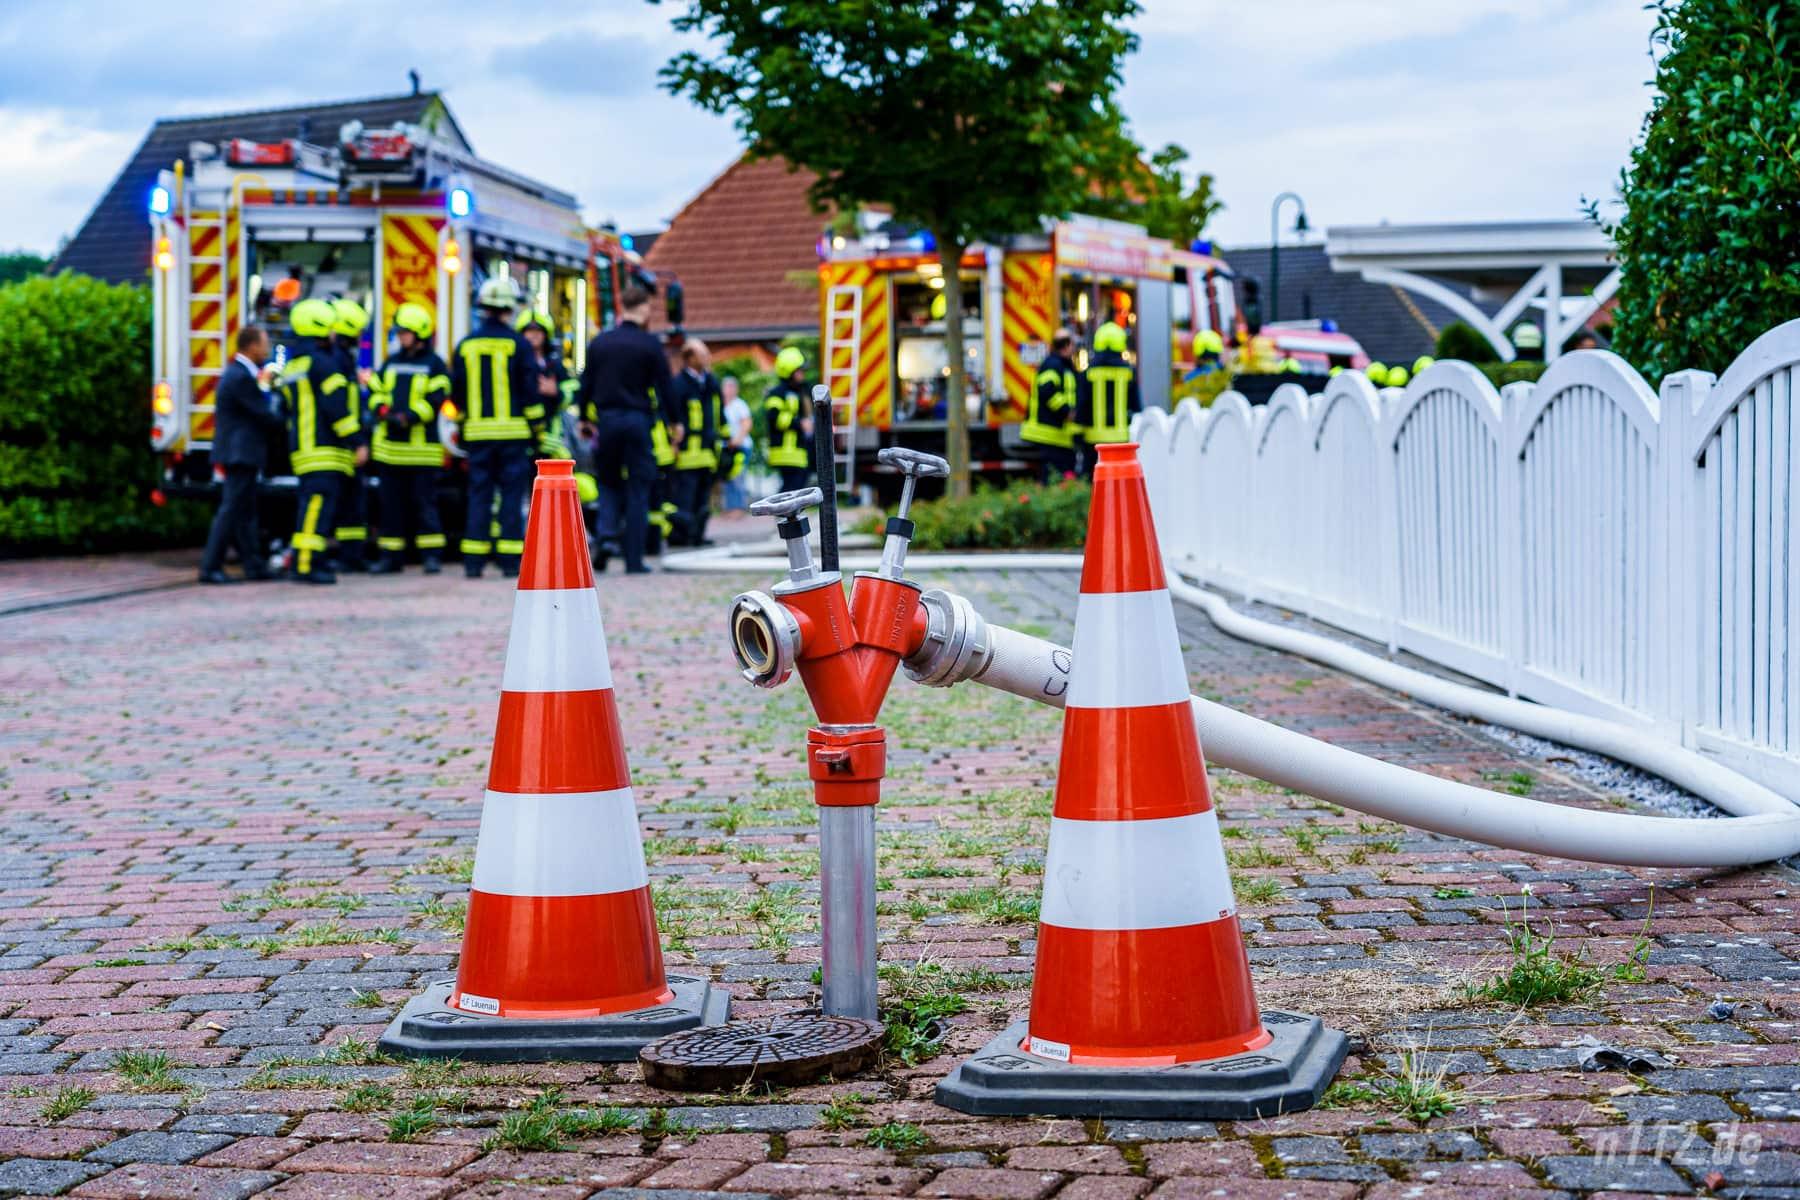 Überlebenswichtig, aber ohne Feuerwehreinsatz leicht zu übersehen: Ein Standrohr steckt in einem geöffneten Unterflurhydrant (Foto: n112.de/Stefan Simonsen)